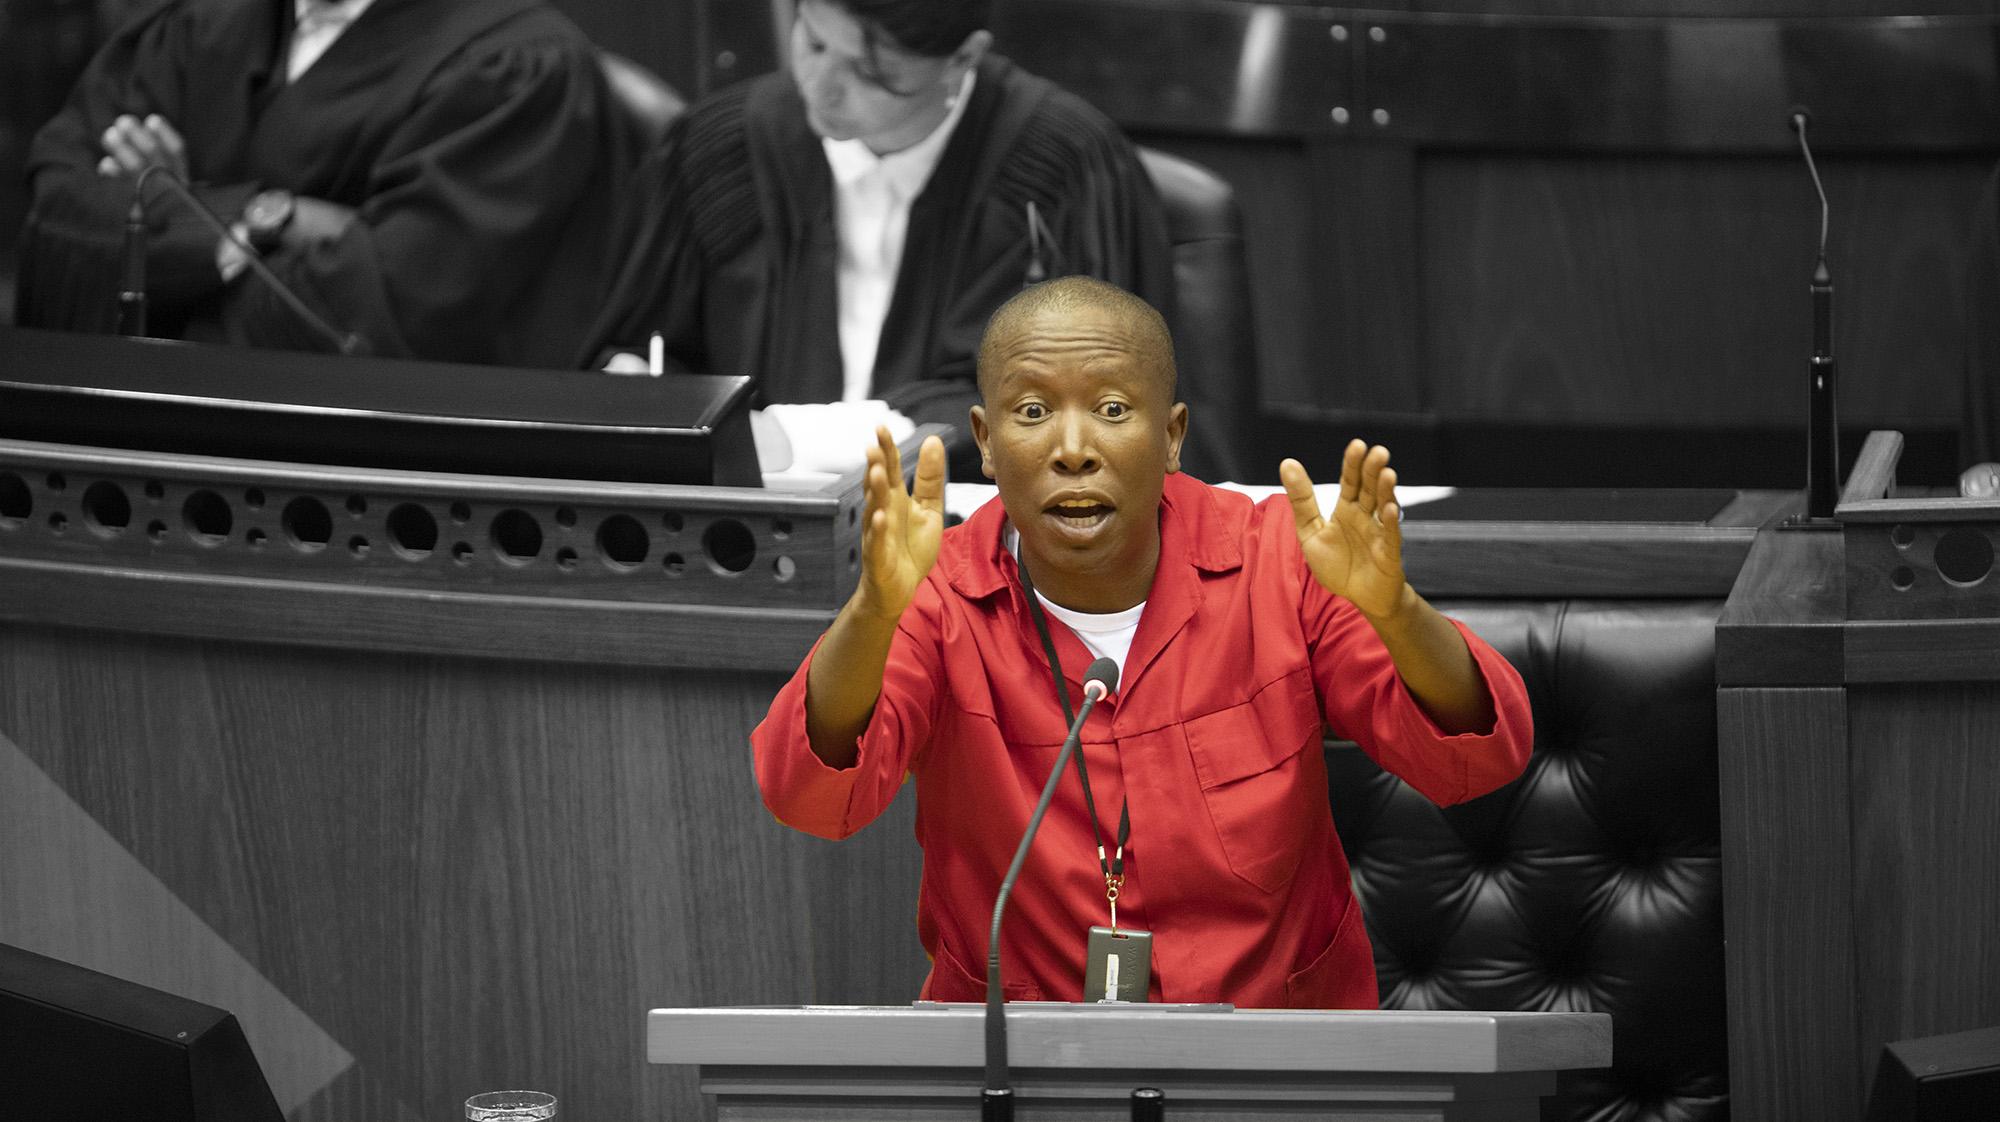 Advokate se liggaam slaan Julius Malema van die EFF weens sy 'aanval' op SA se beoordelaars - Daily Maverick